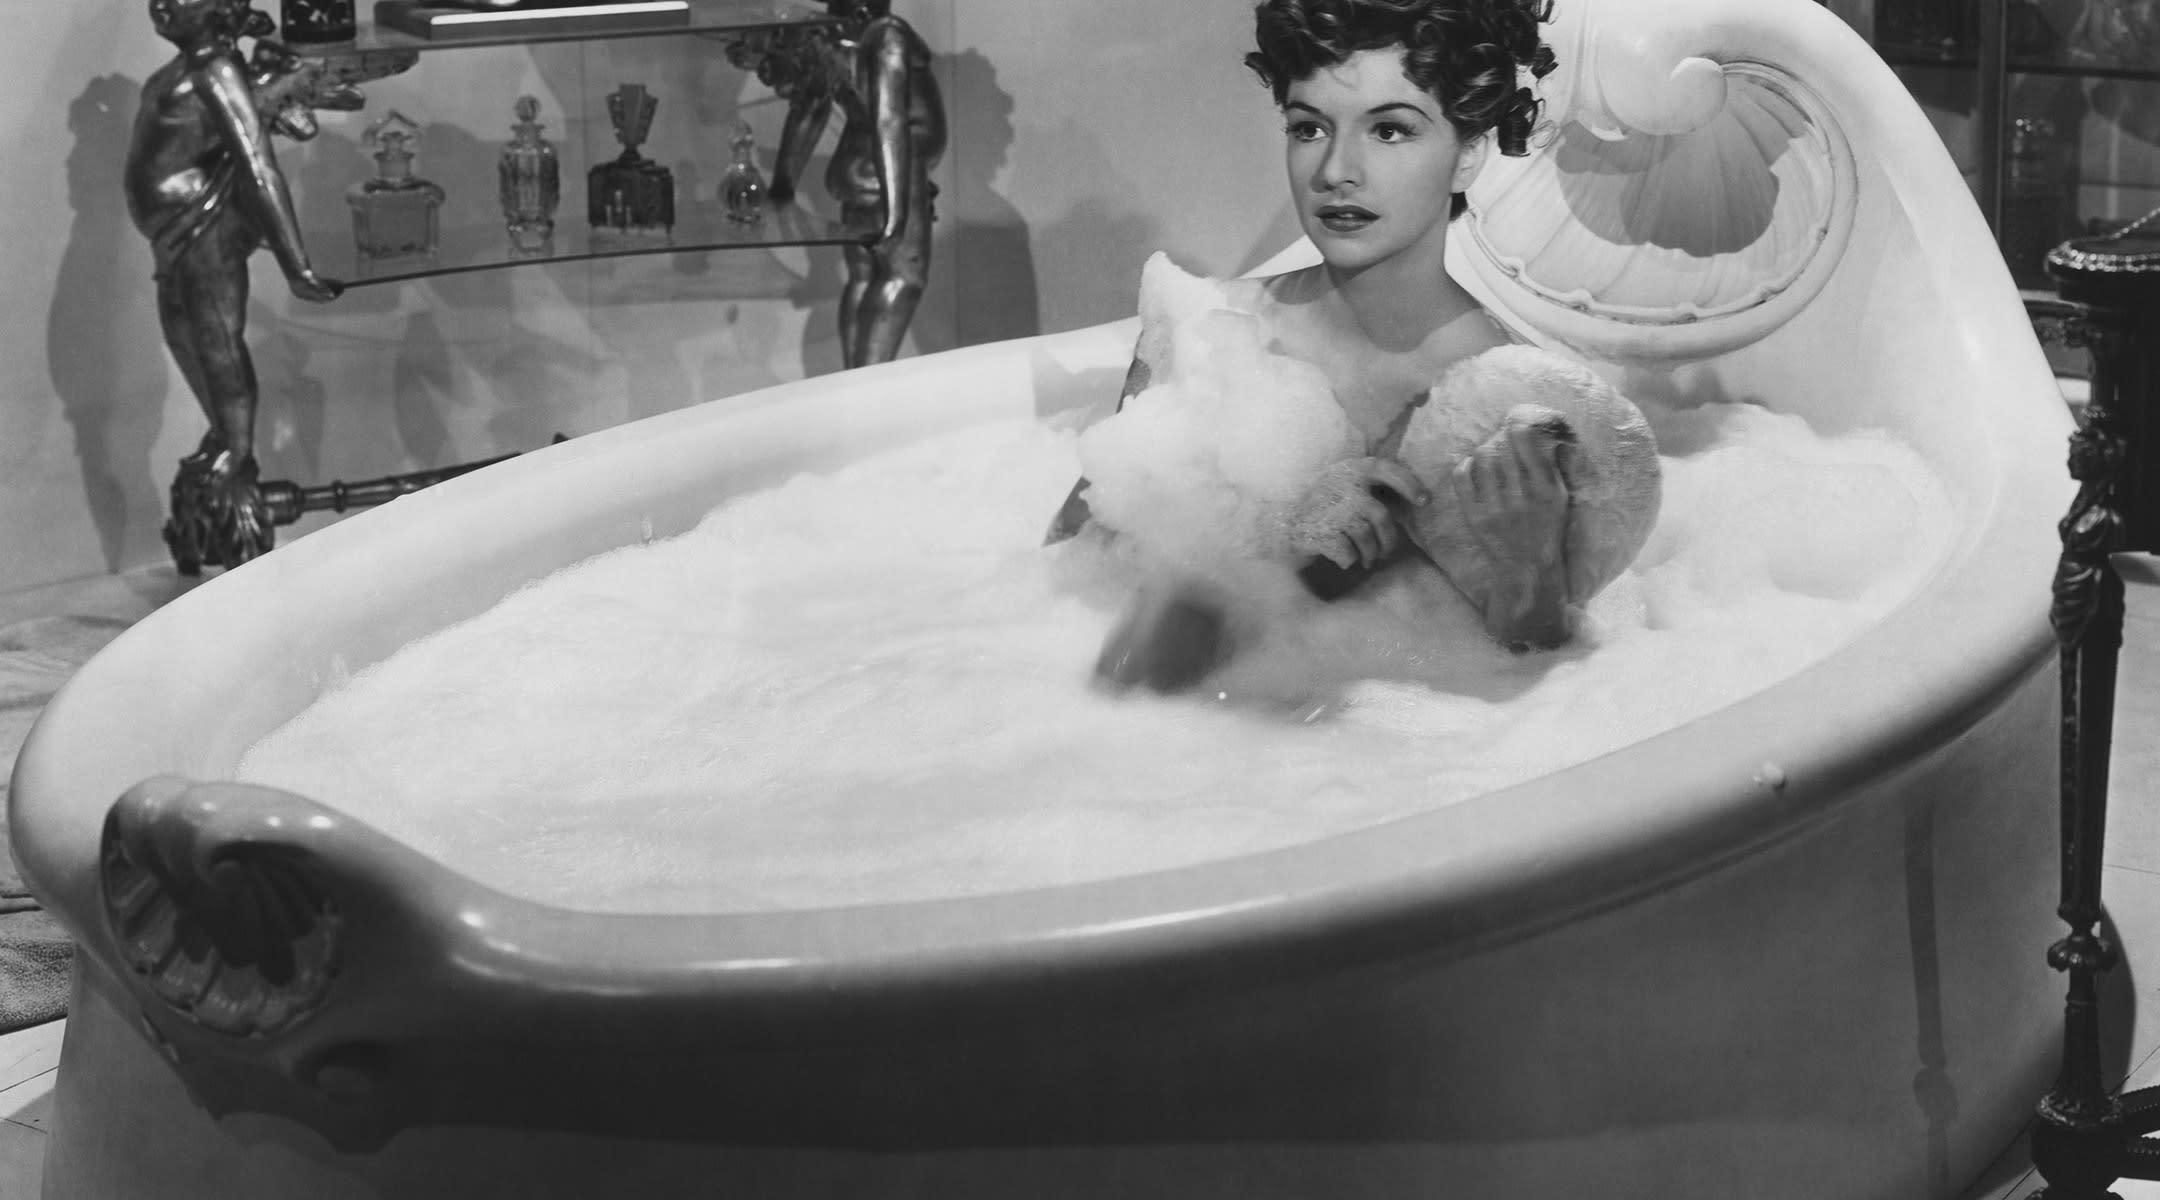 retro photo of woman in bubble bath